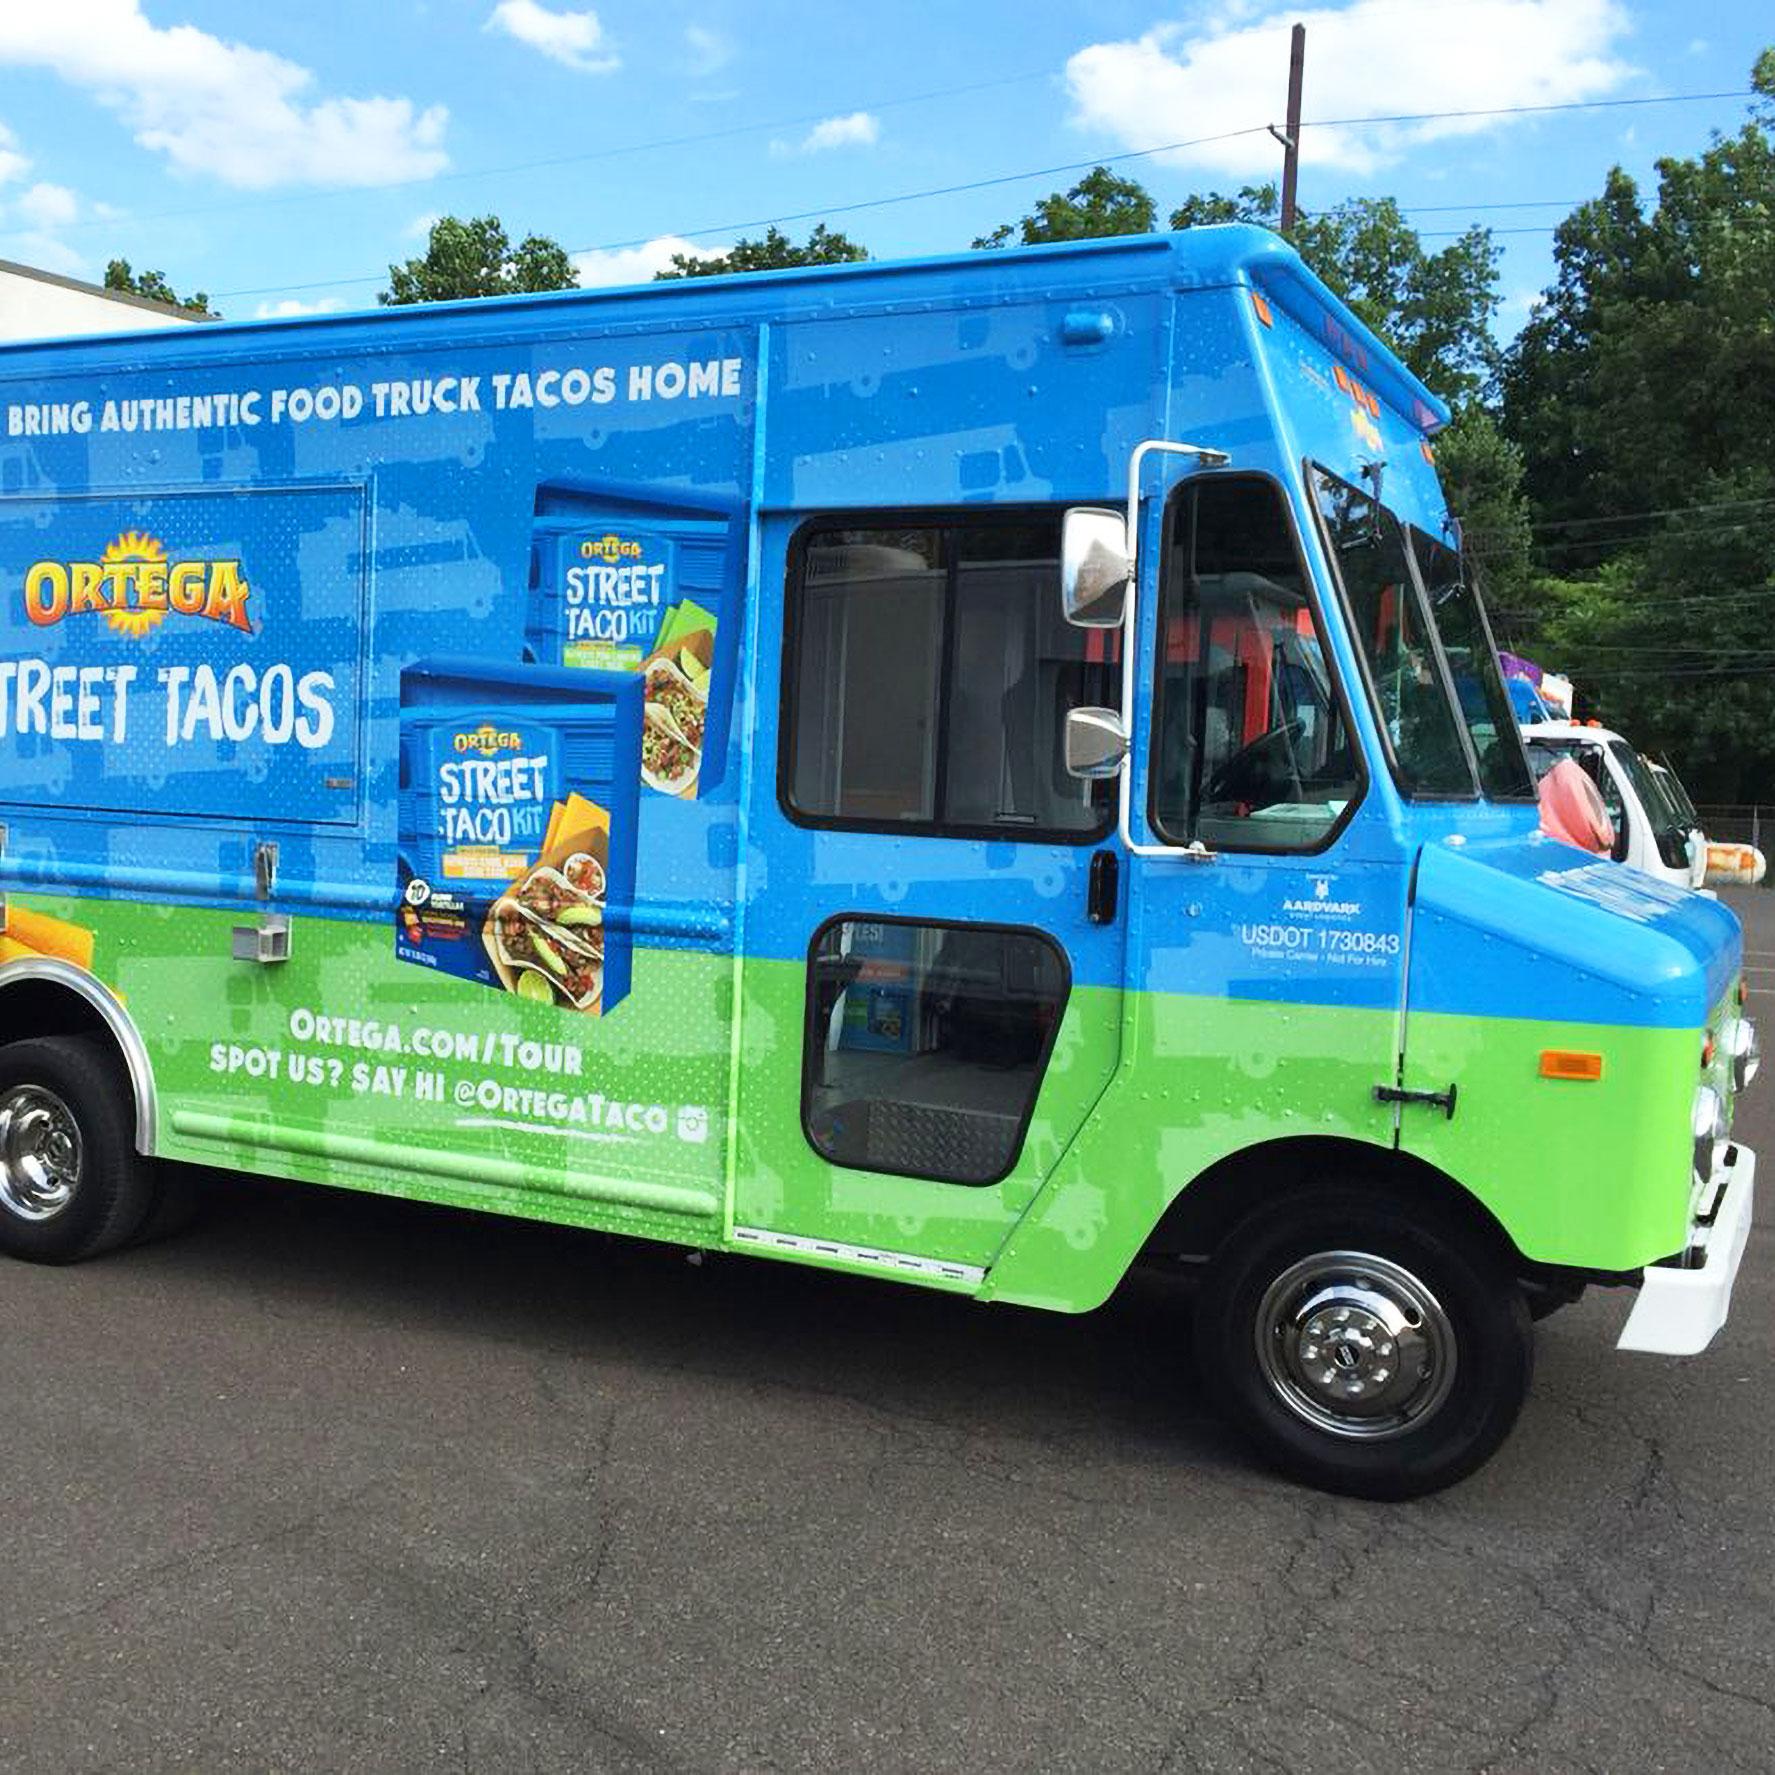 ortega-taco-truck-2.jpg